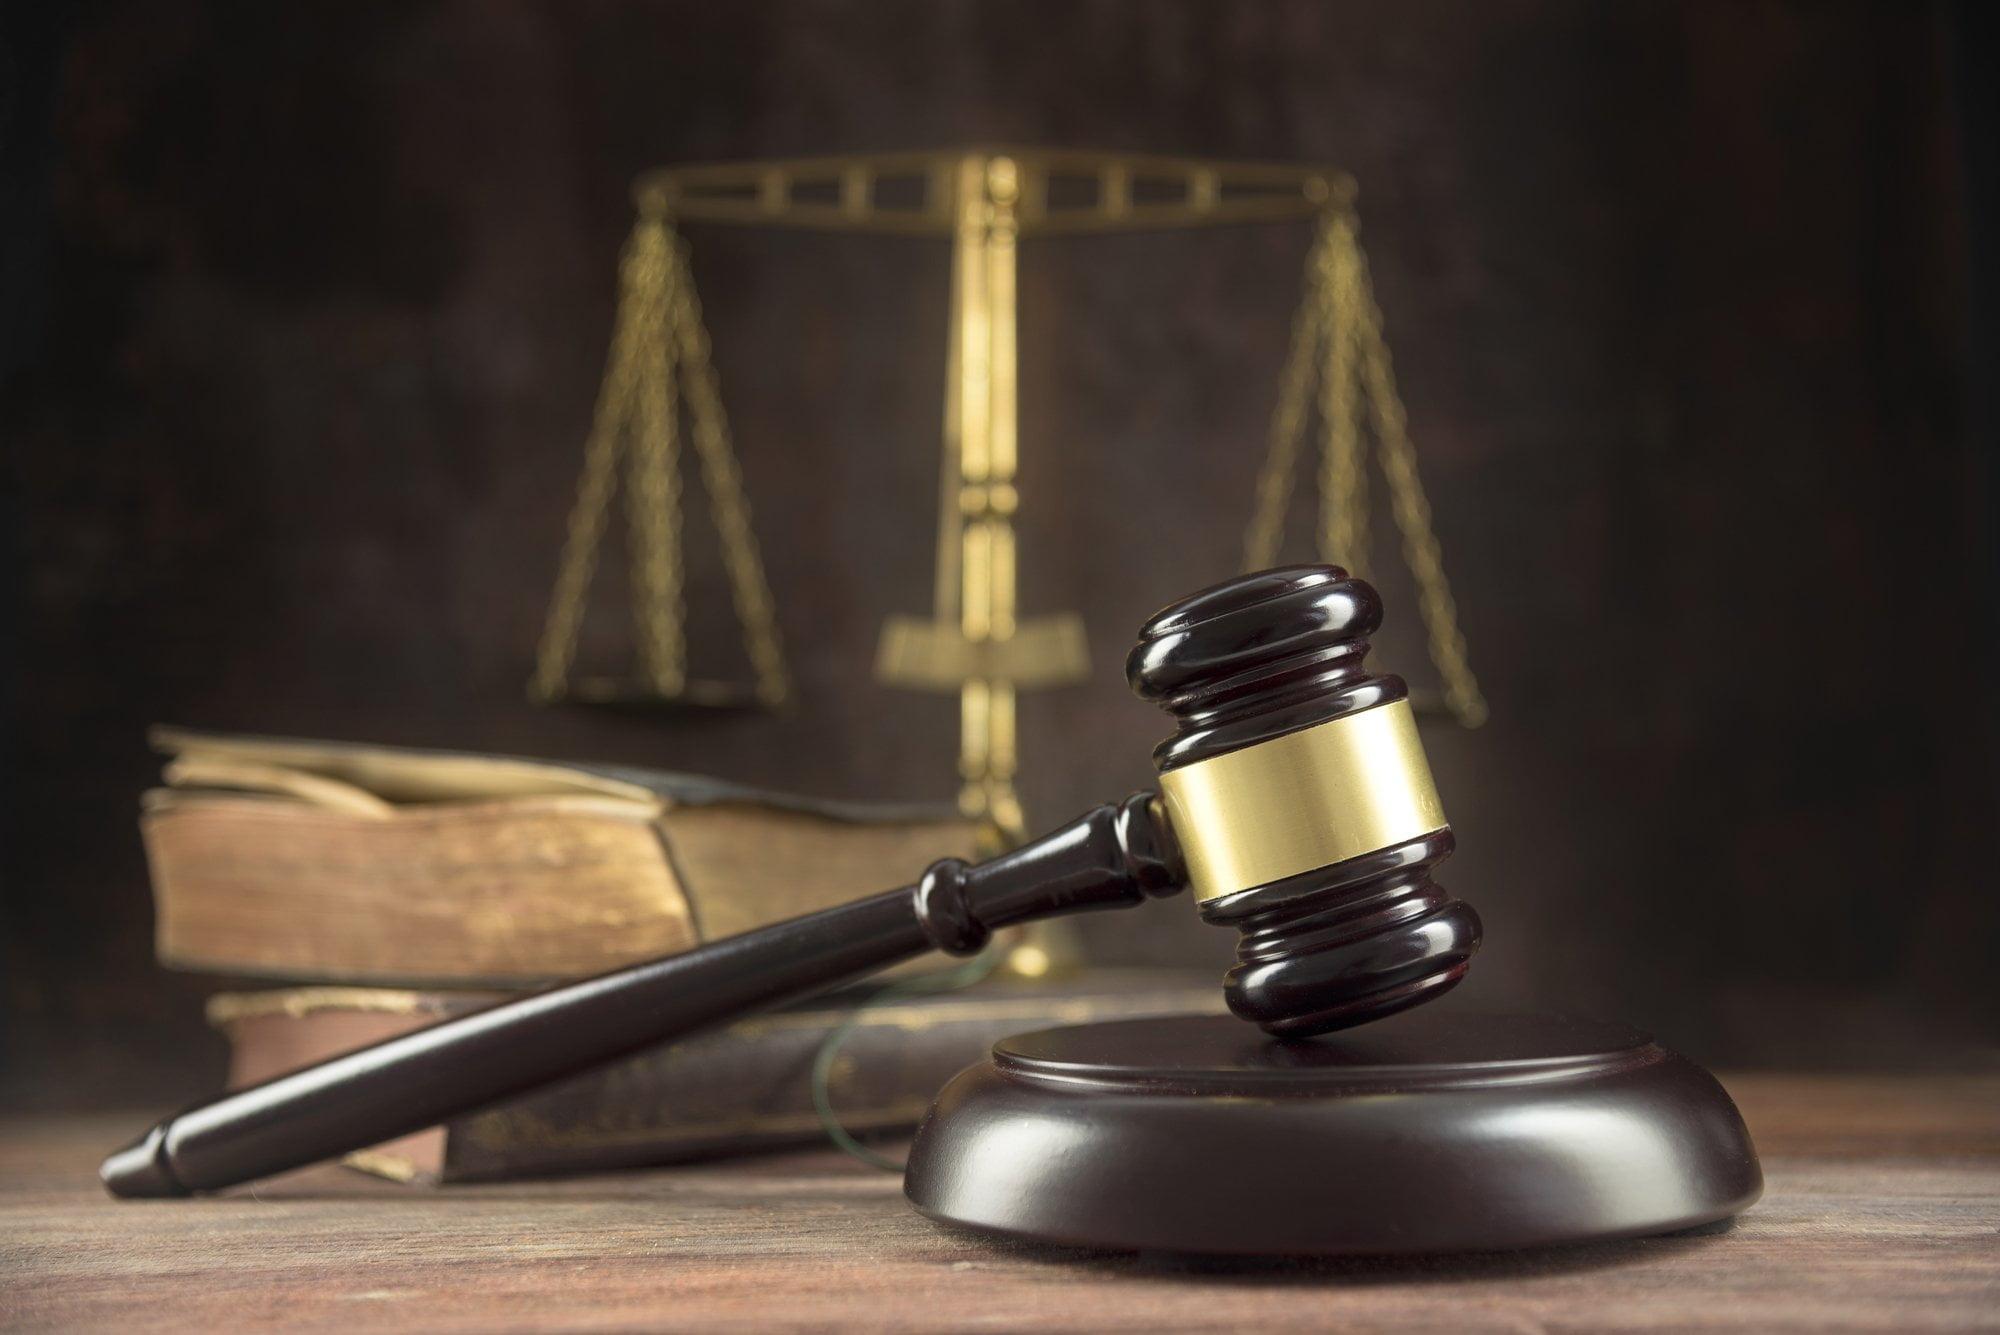 avvocato-penalista-novara-lucia-gallone-diritto-privati-imprese